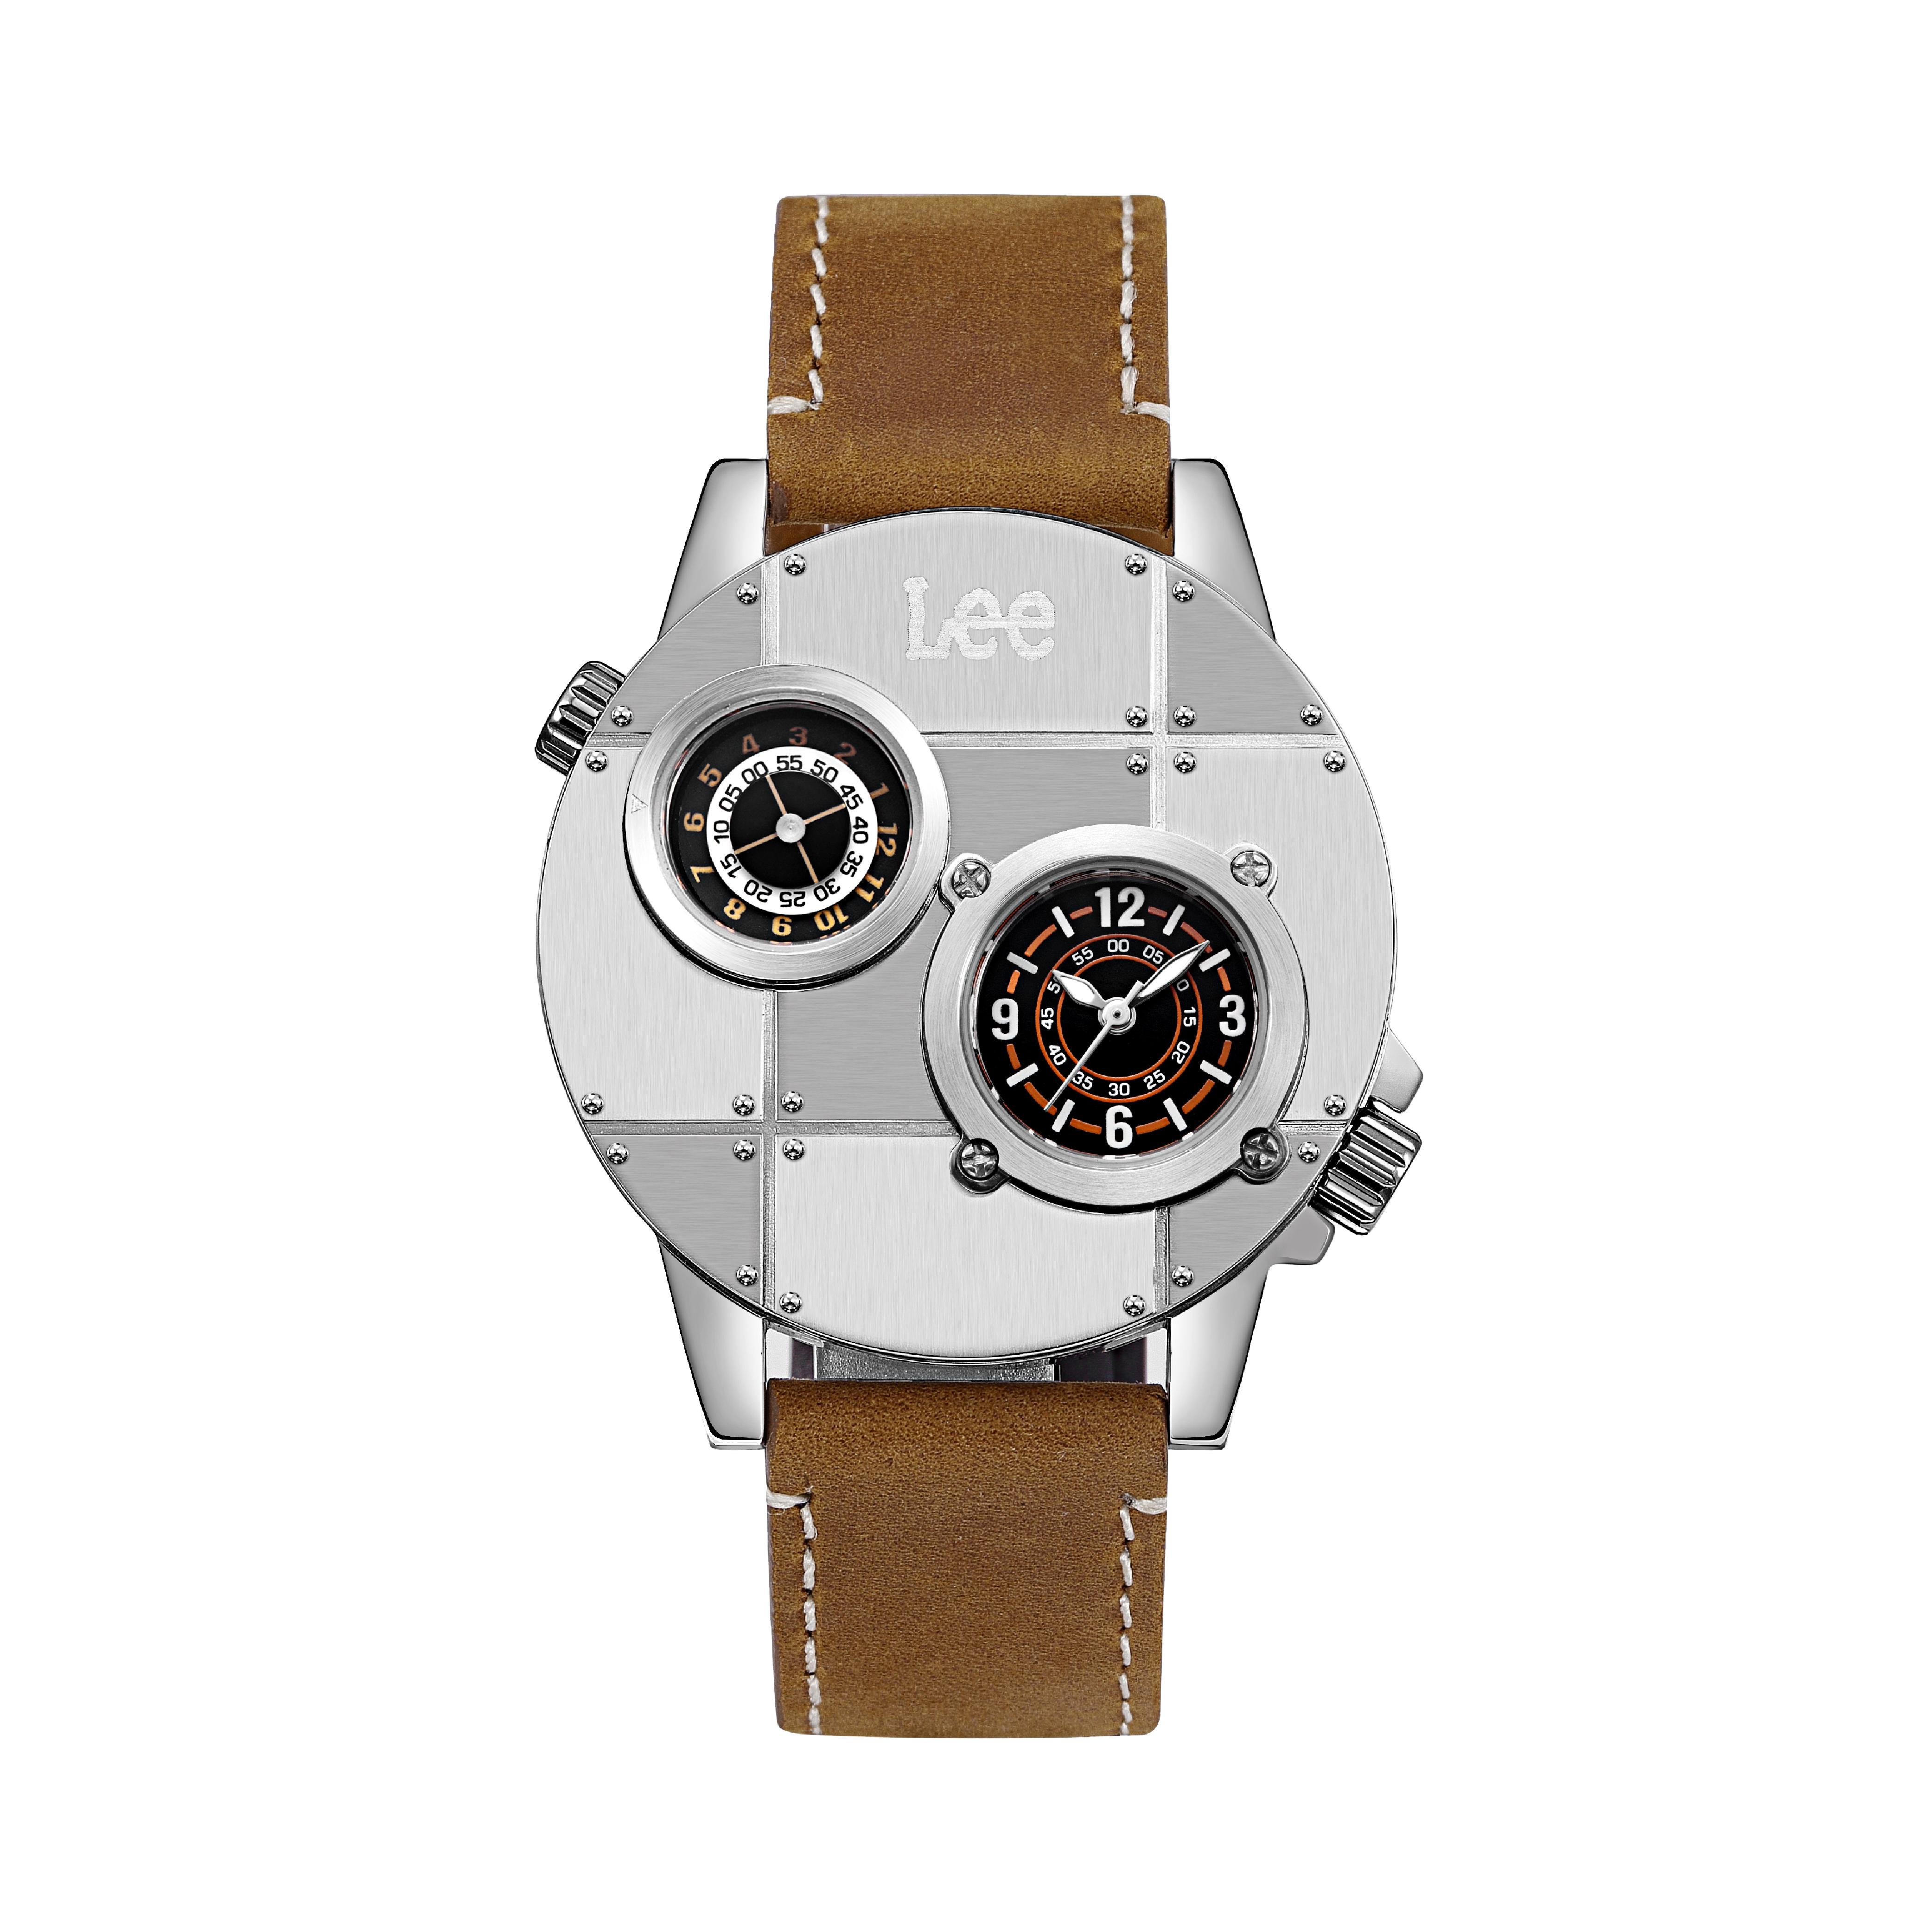 นาฬิกาข้อมือผู้ชาย LEE LEF-M59DSL5-14